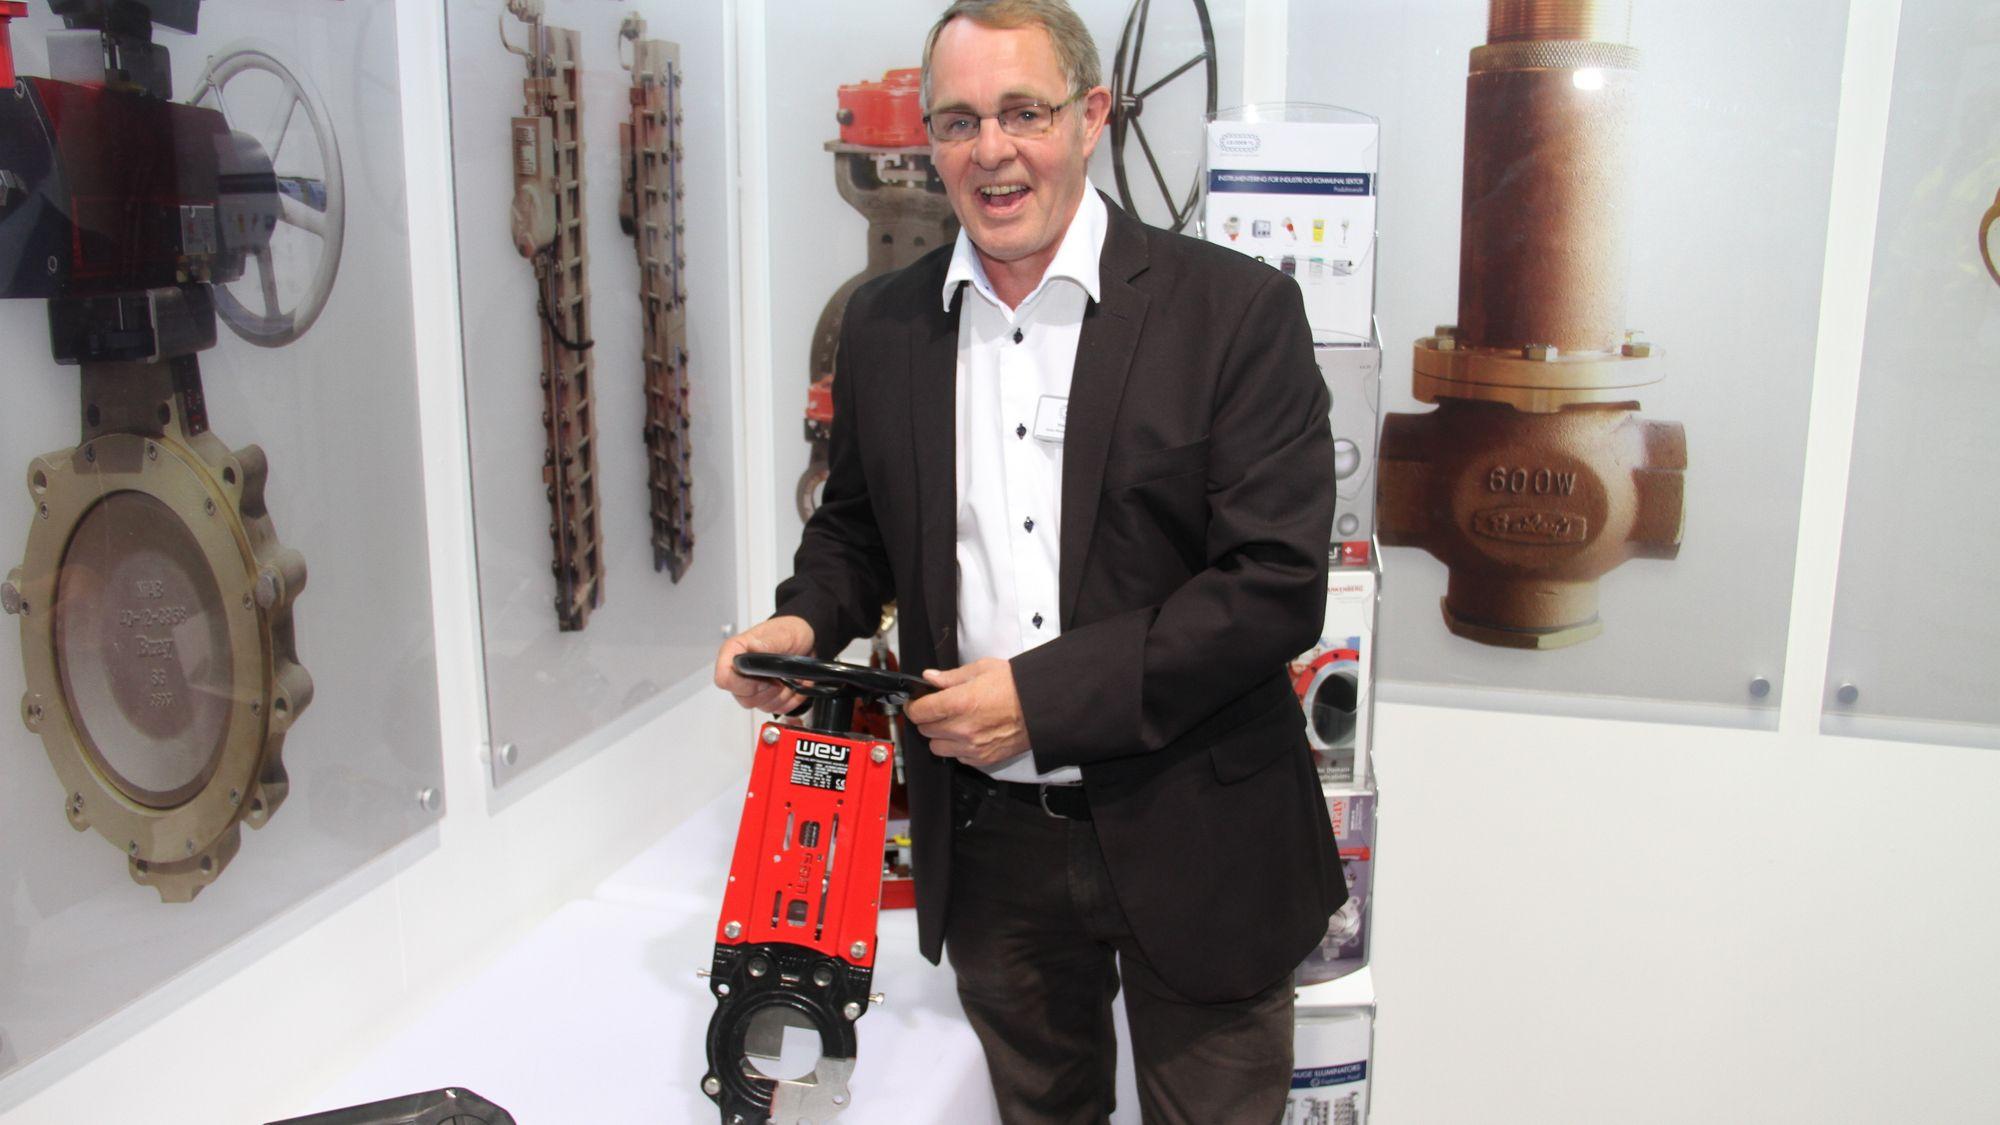 Morten Steinset fra J.S. Cock med den nye skyvespjeldventilen fra Wey som er nå tilbys norsk industri.